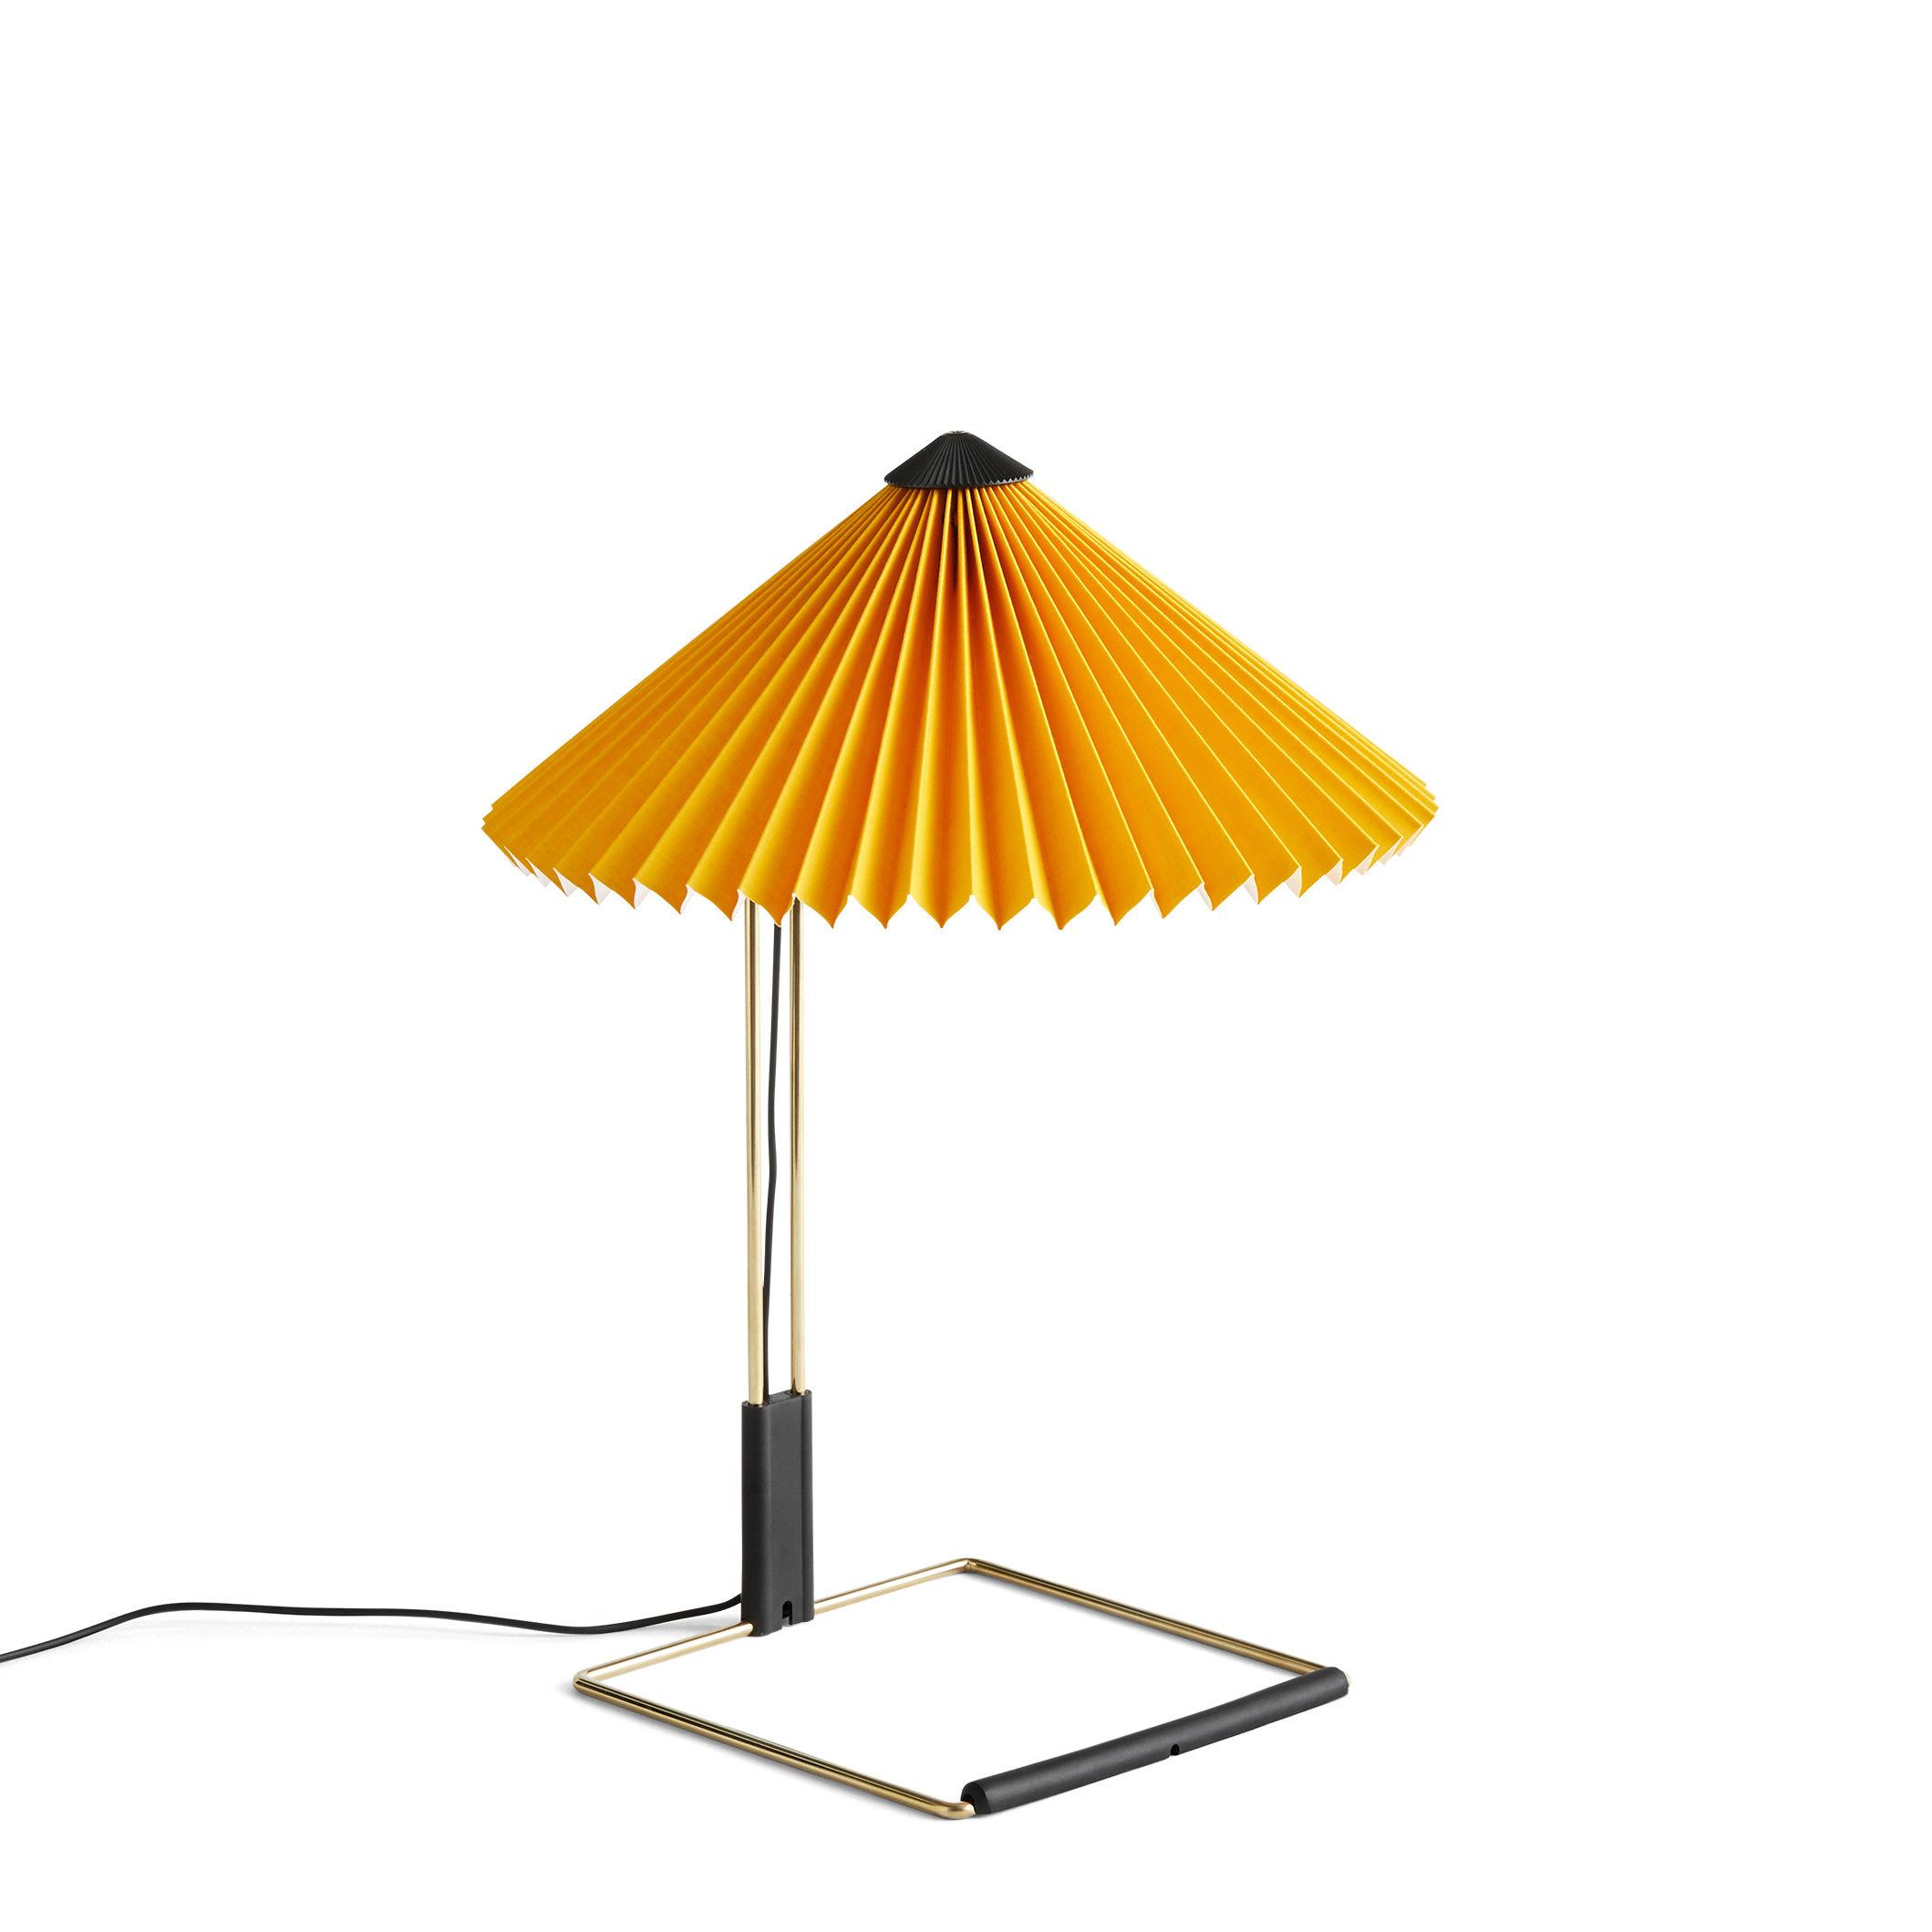 Luminaire - Lampes de table - Lampe de table Matin Small / LED - H 38 cm - Tissu & métal - Hay - Jaune / Laiton poli - Acier finition laiton, Coton plissé